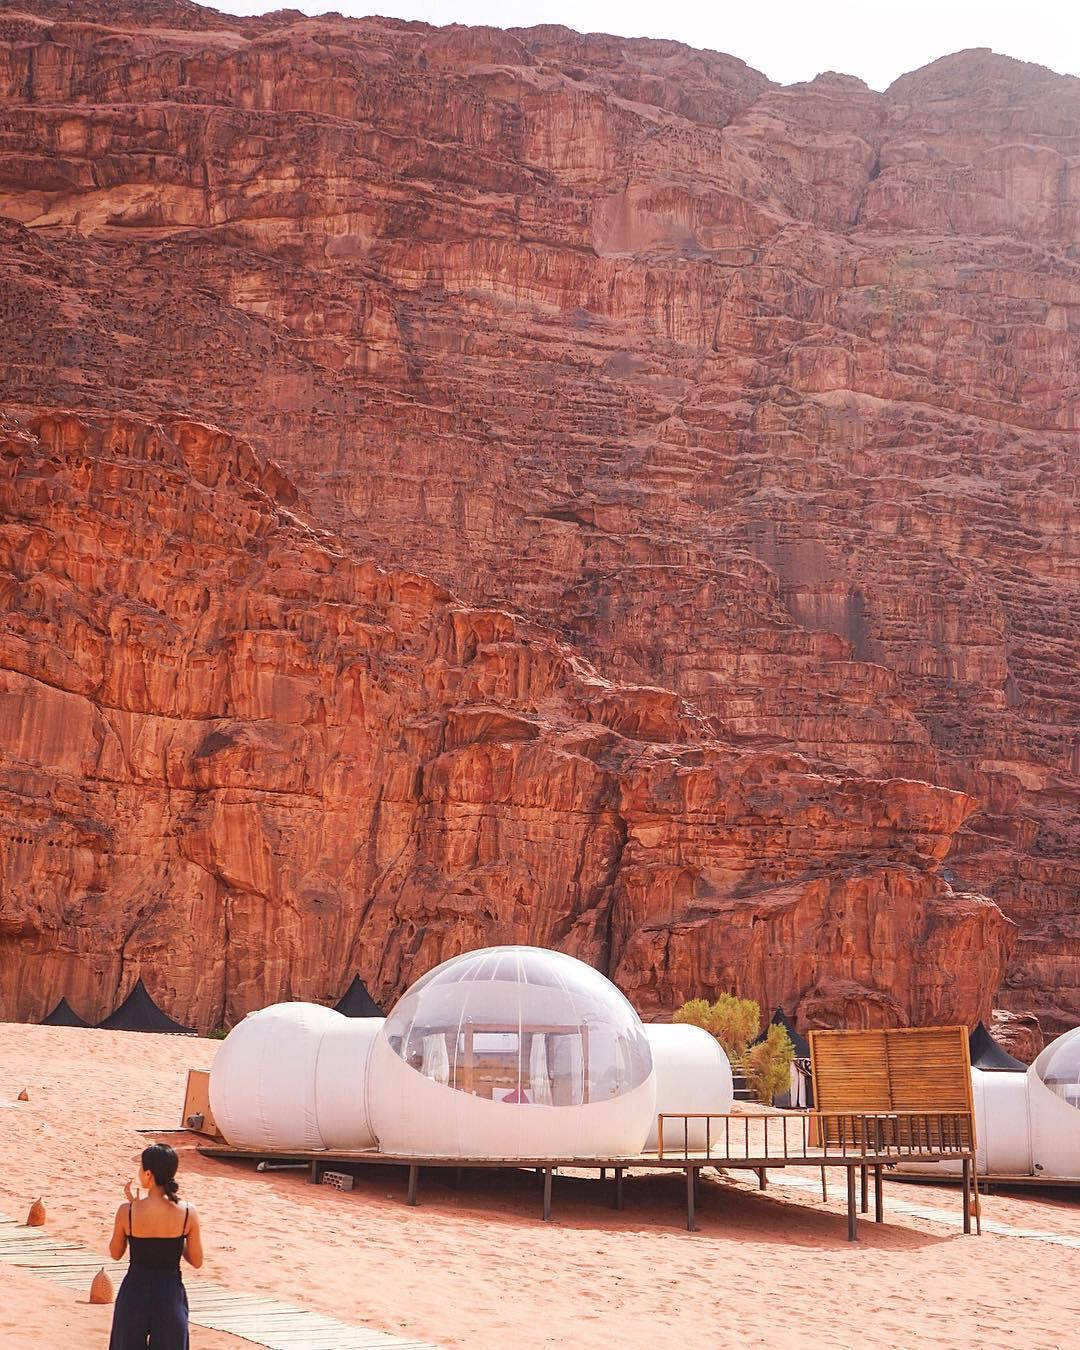 浪漫的野外露营 帐篷酒店瓦迪朗姆酒之夜